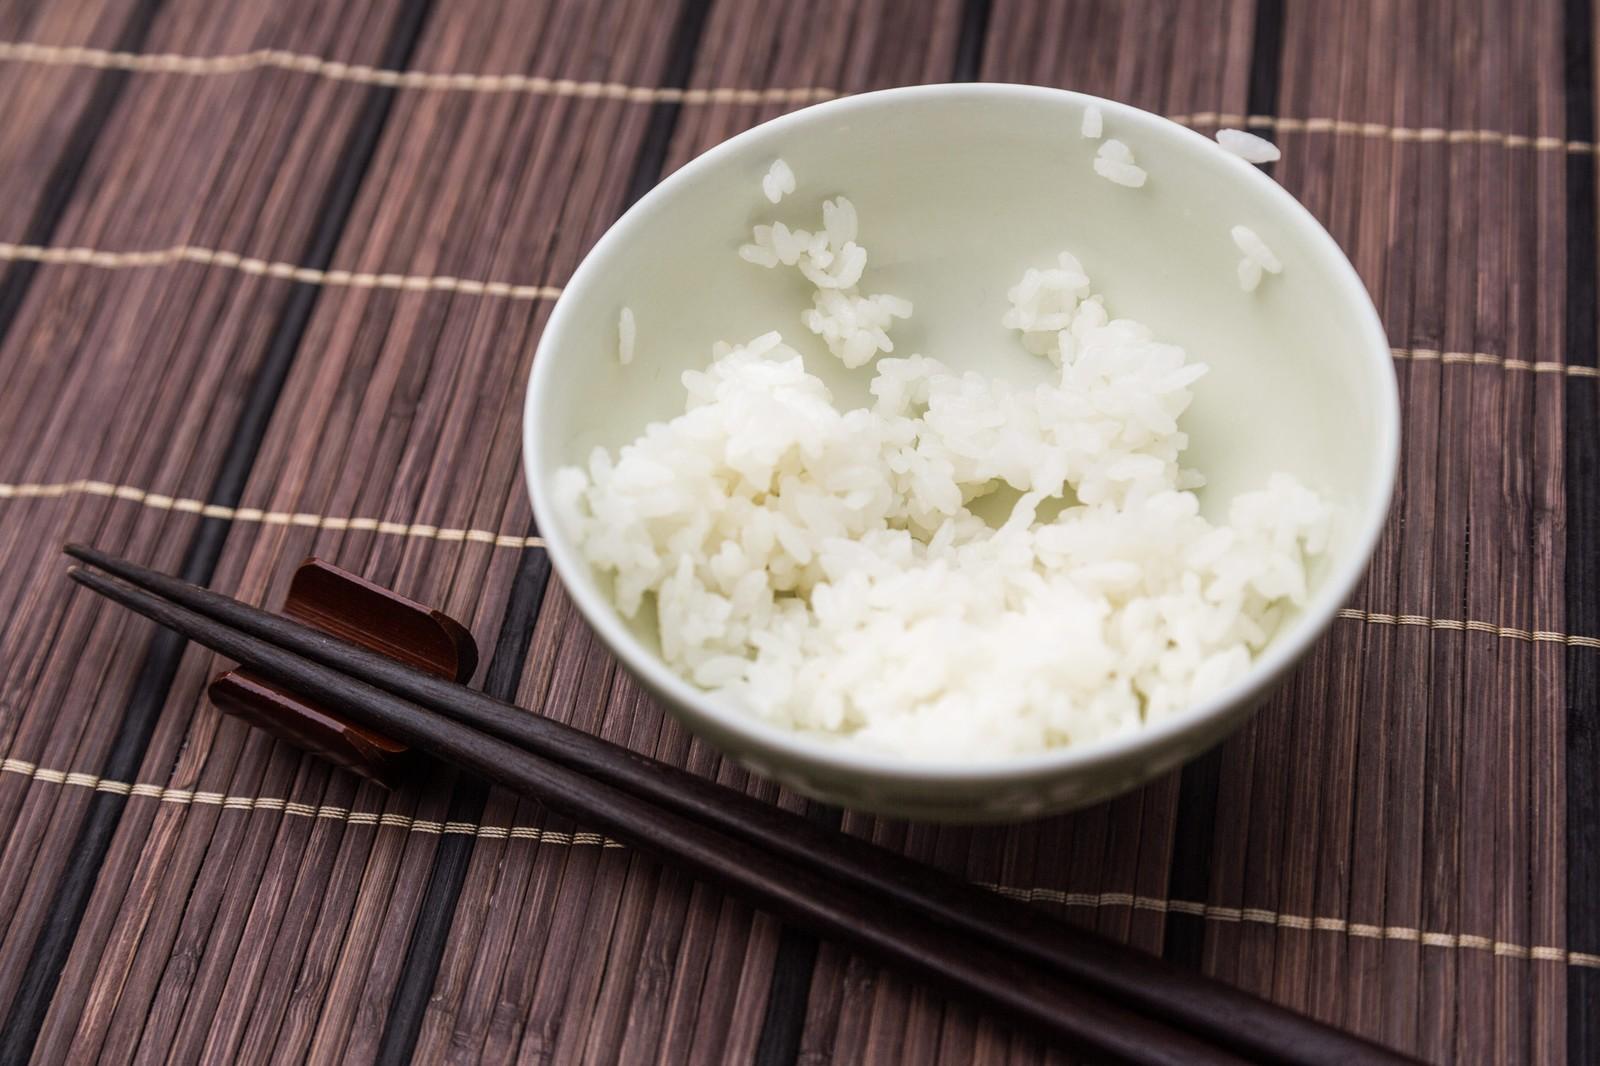 今の日本人が食べている玄米、実は不自然な食べものなんじゃないか説